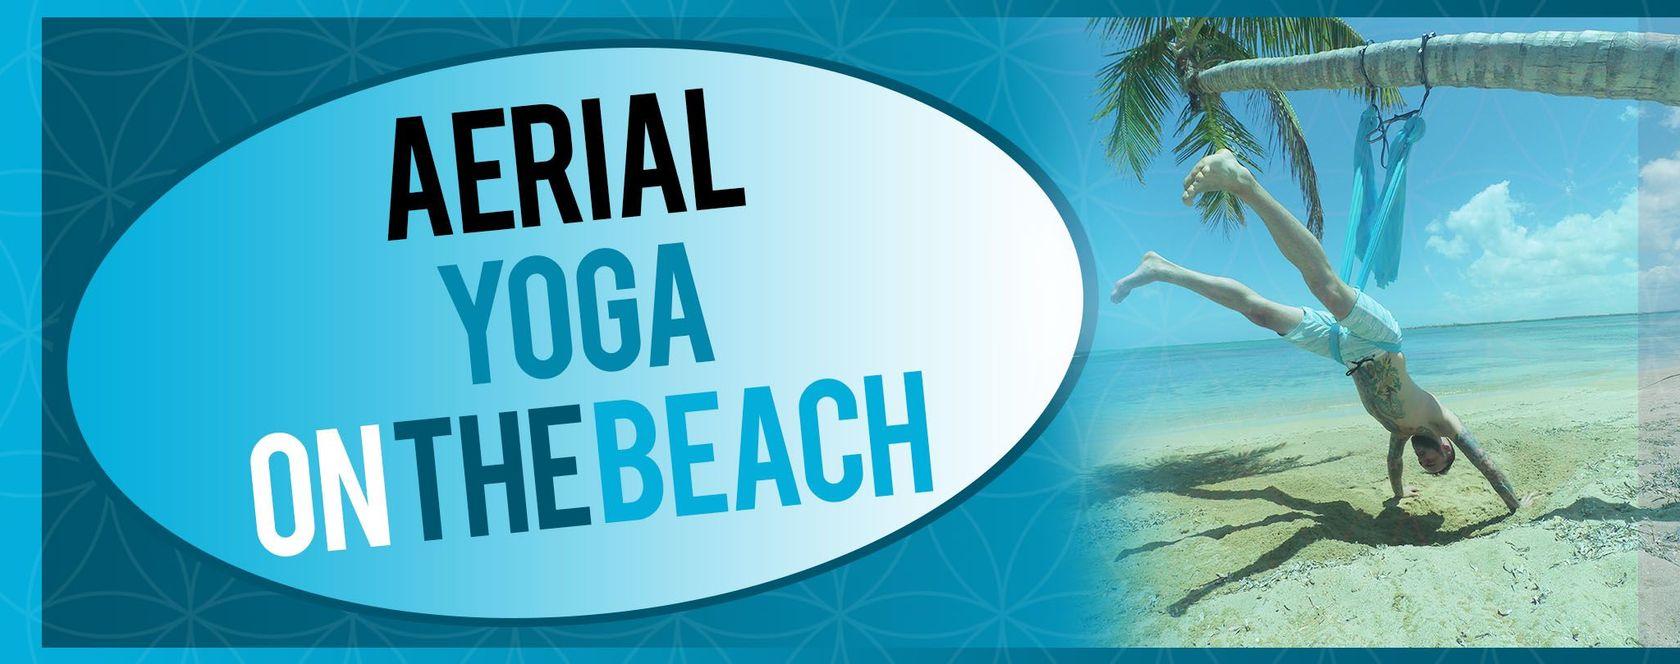 aerial-yoga-beach-thumbnail.jpg